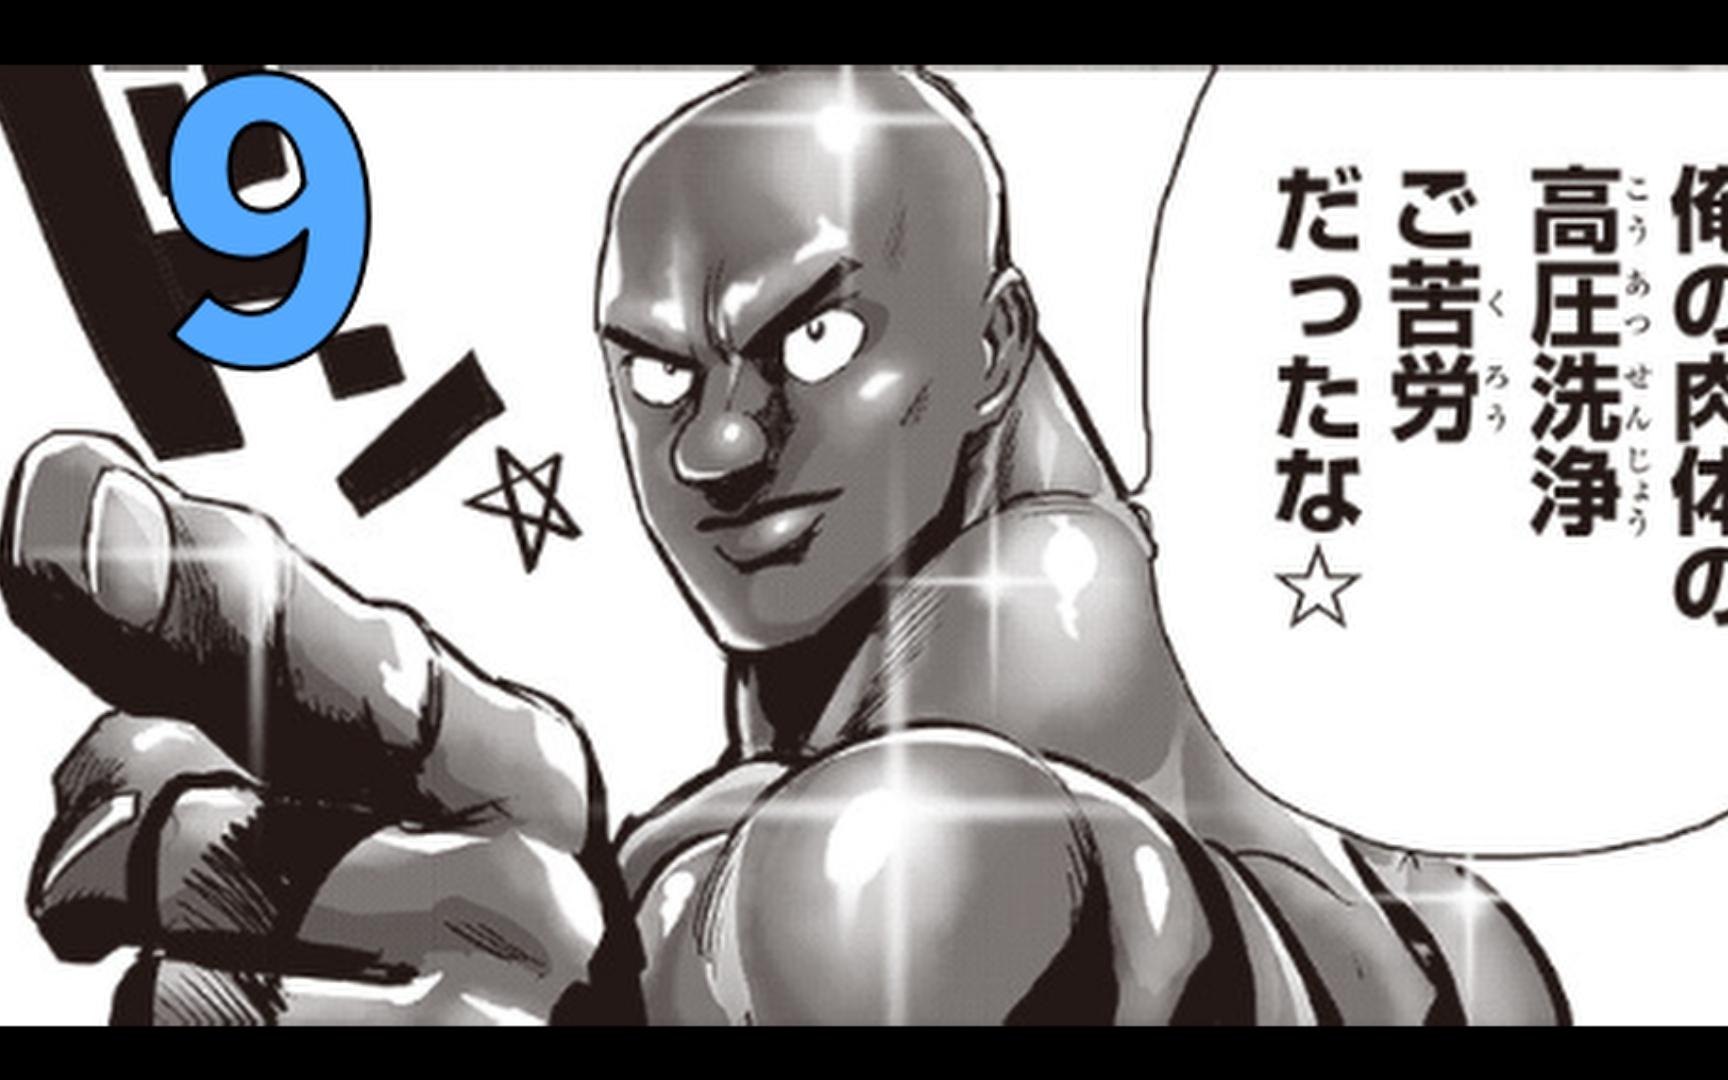 (一拳超人)不自闭的黑光有多强?对战怪人协会干部。原子武士再战黑精! 重置版解说9